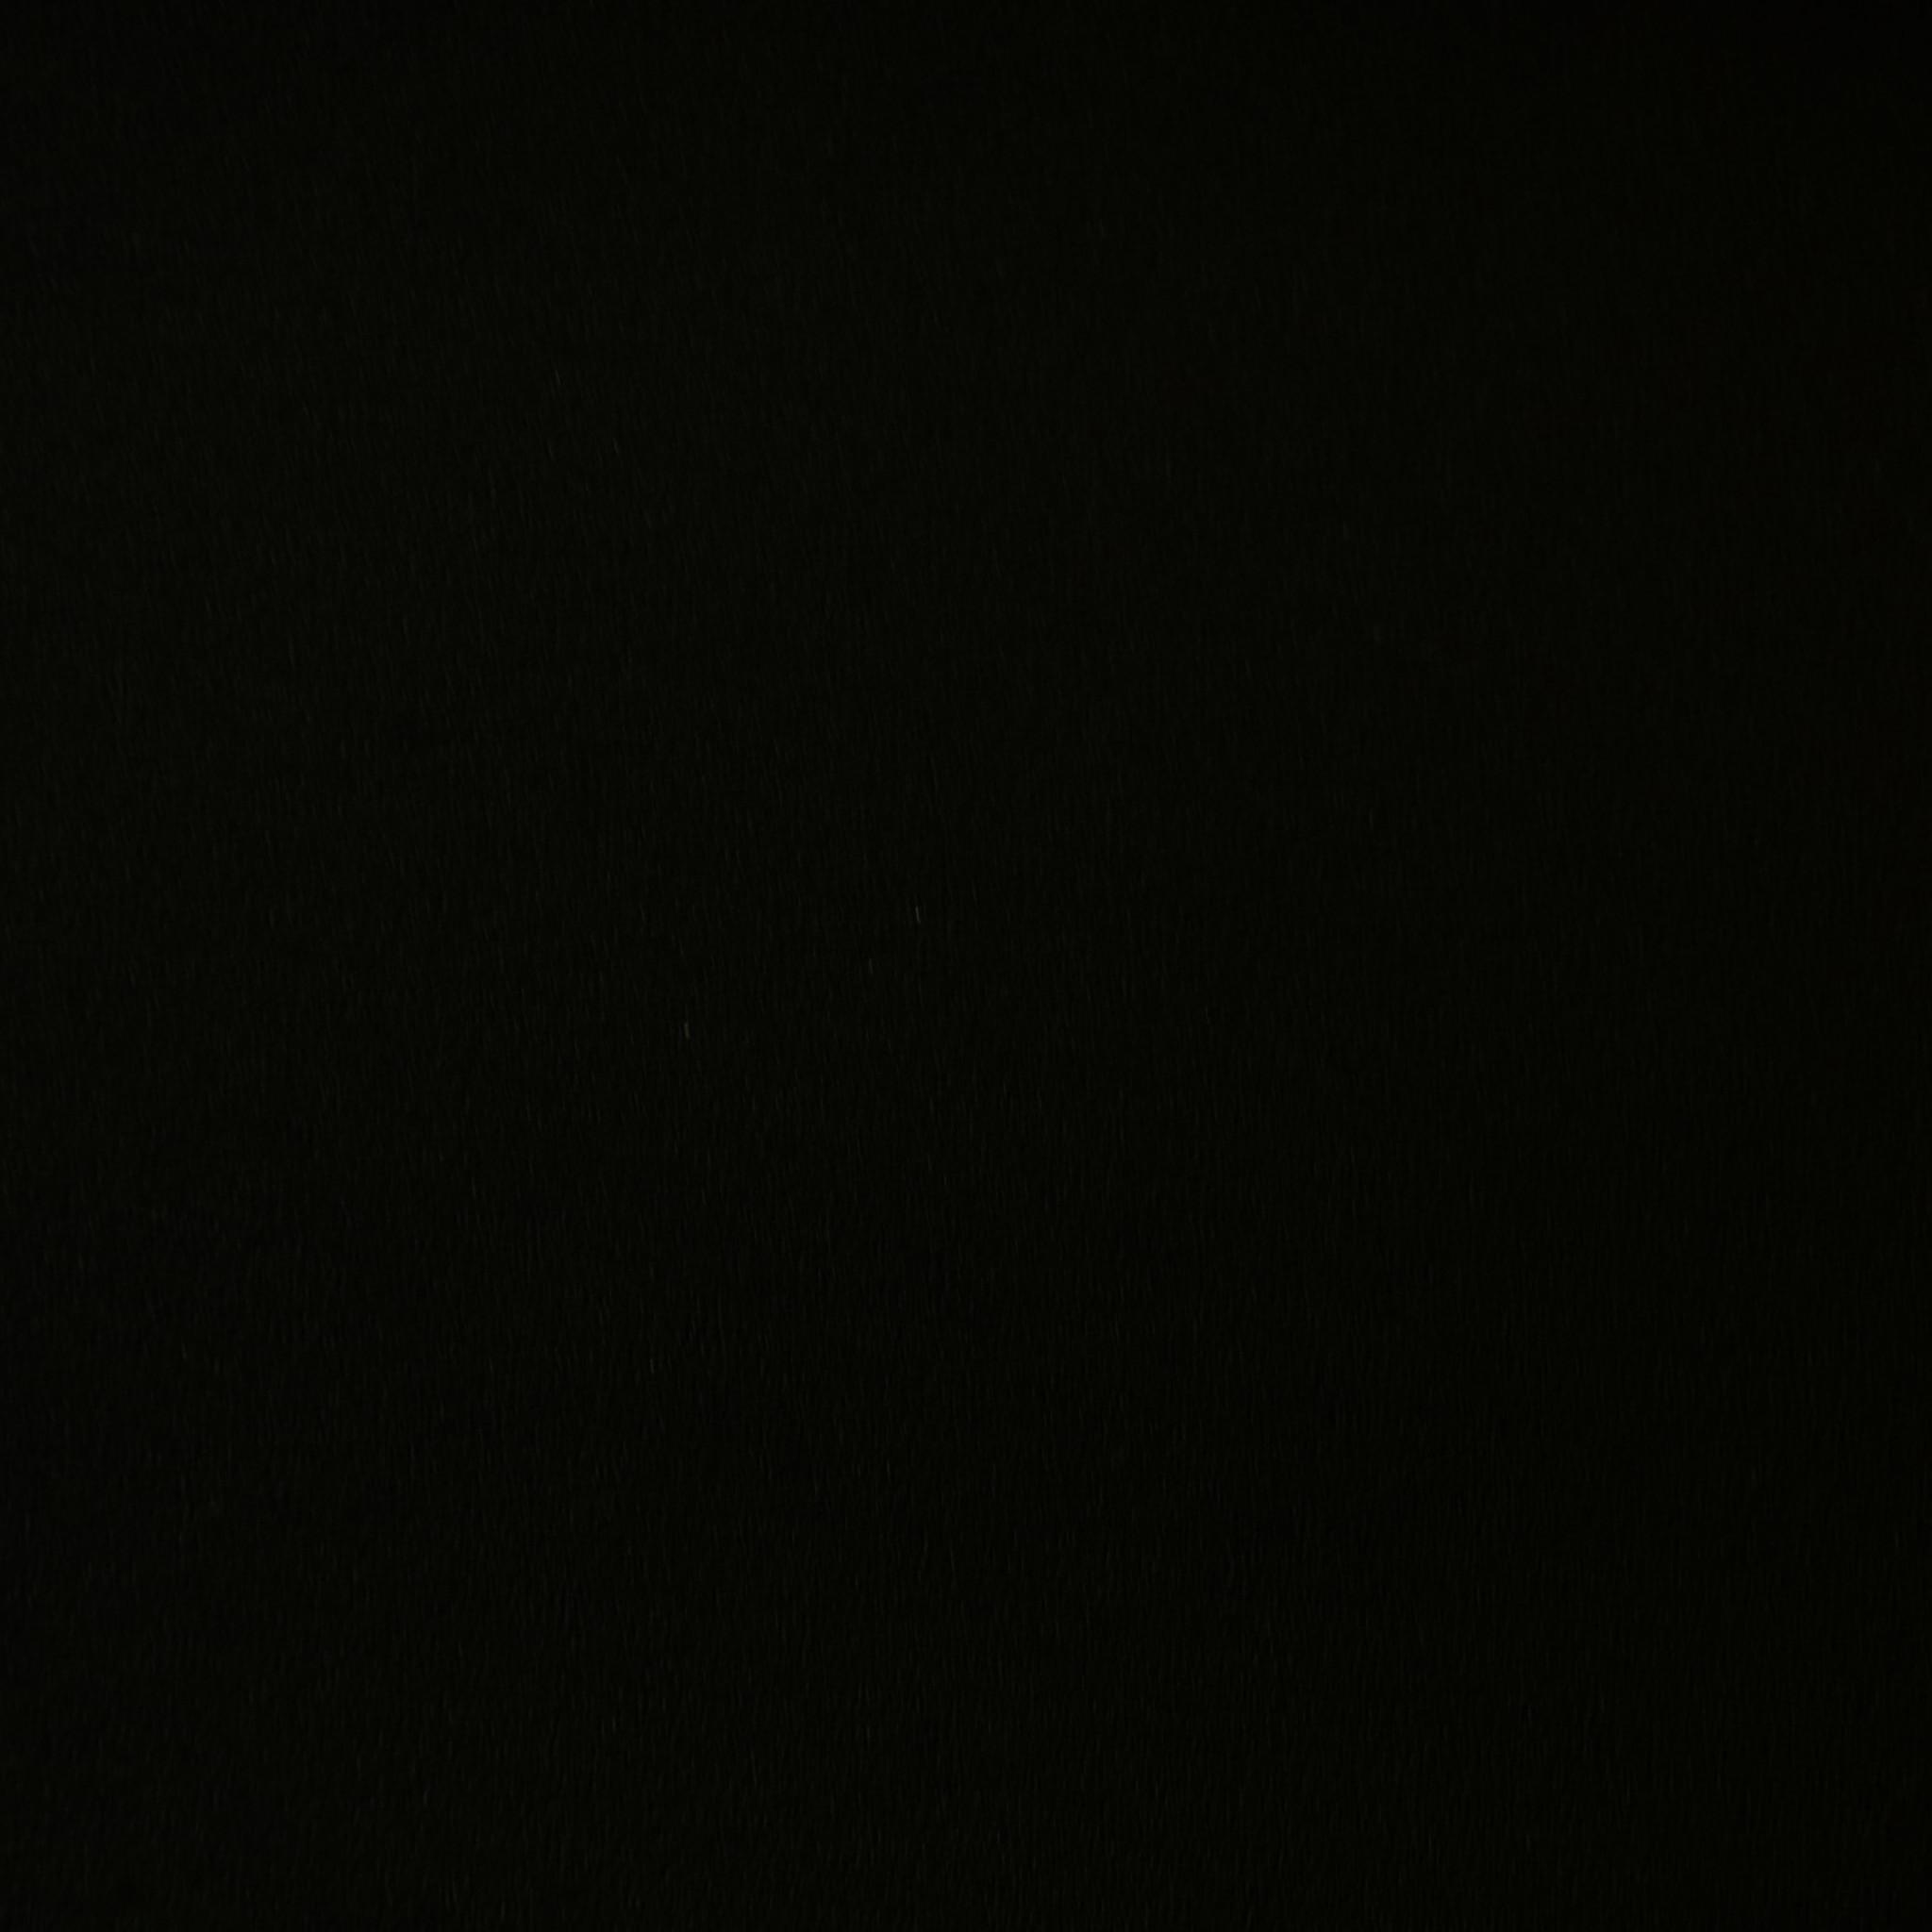 Película interior Rough Dark Black